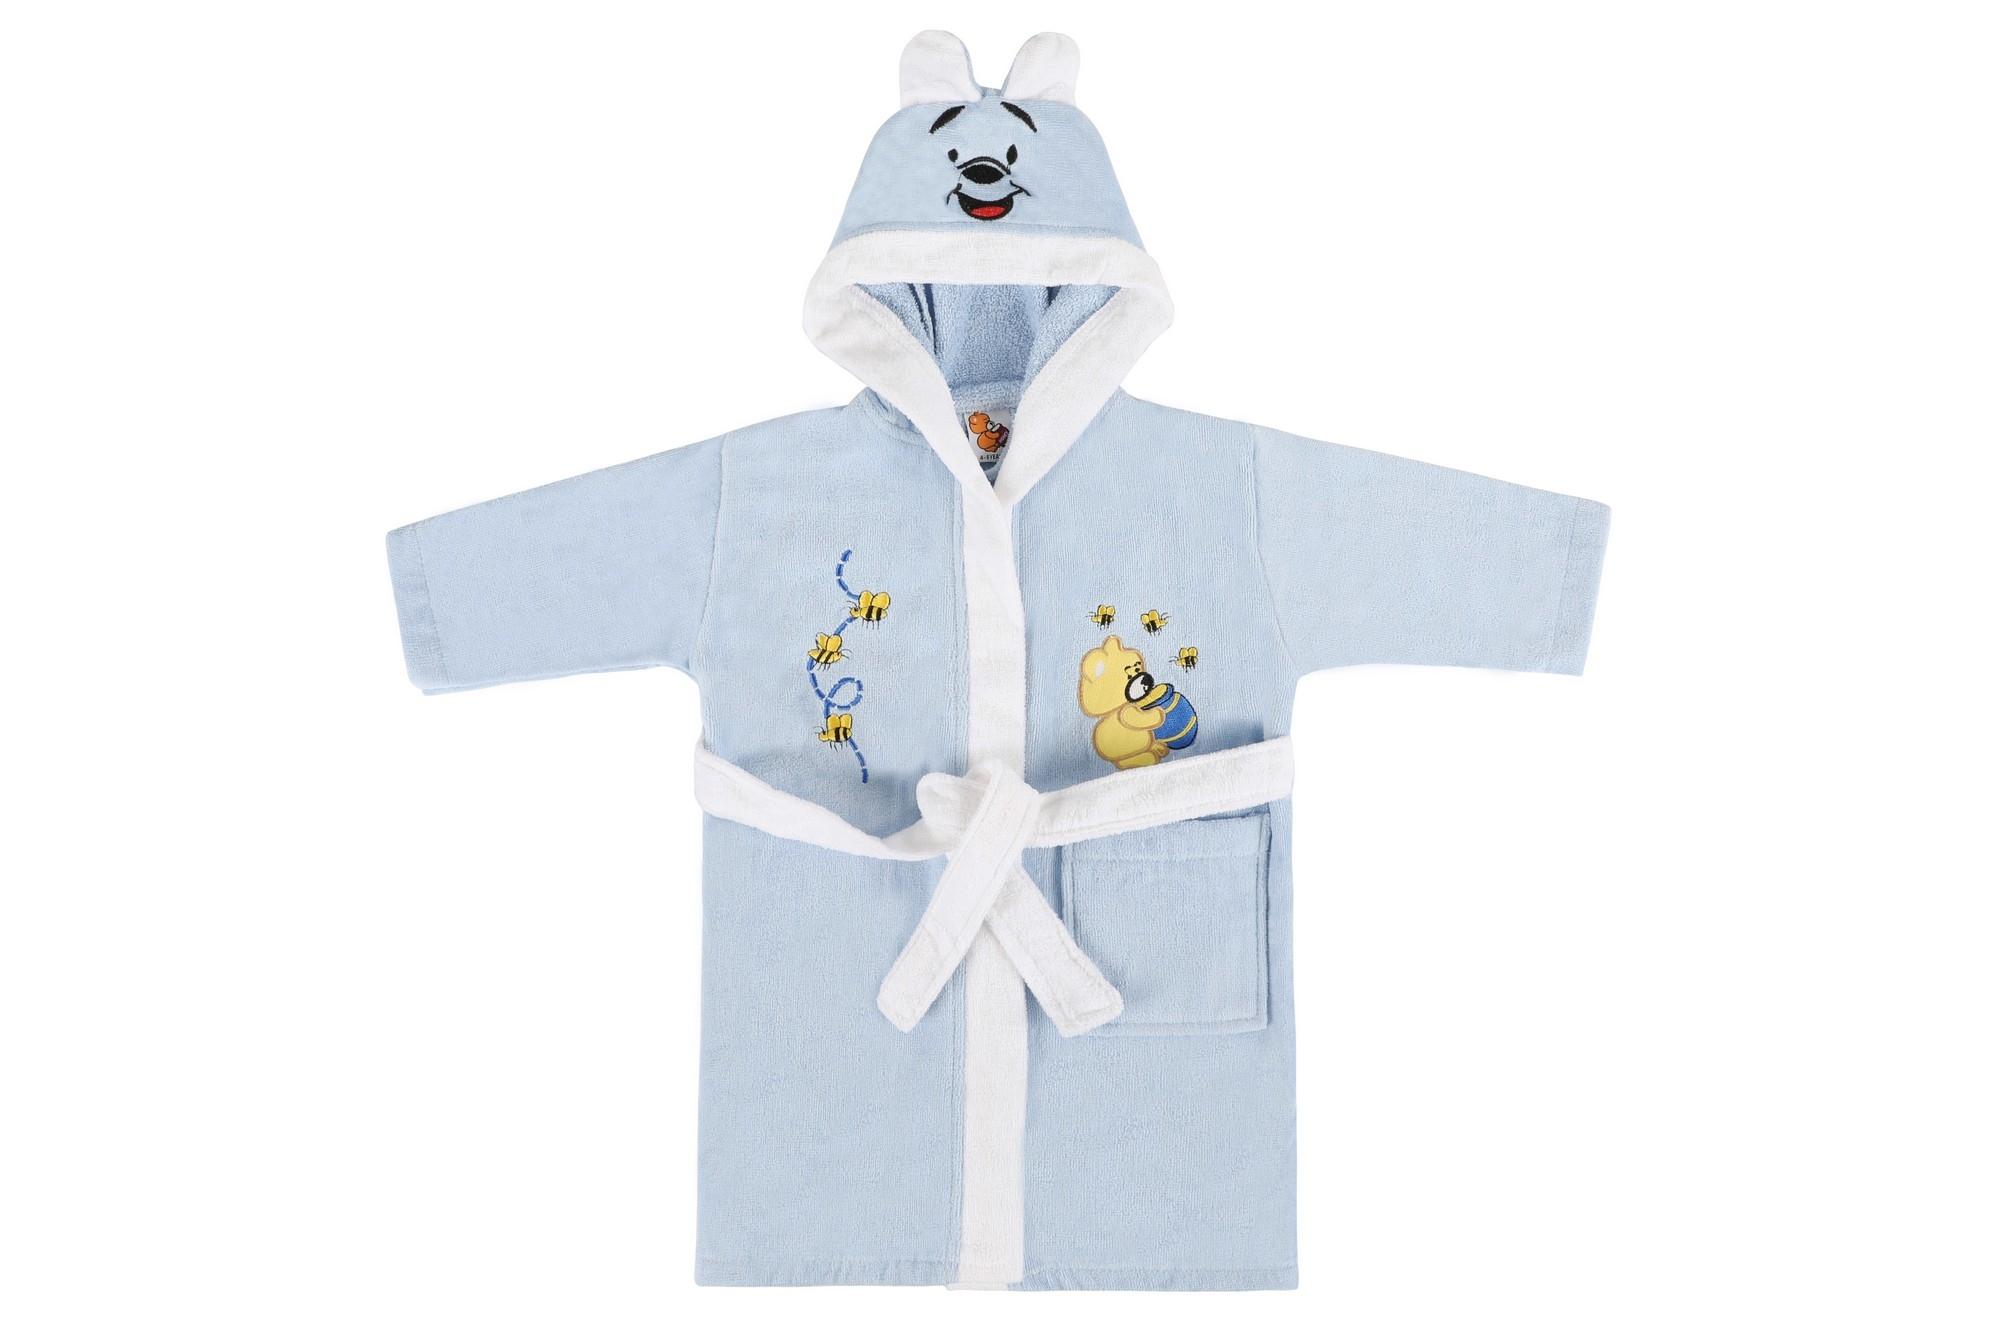 Halat de baie pentru copii, din bumbac, Bear Albastru, 10 / 11 ani imagine